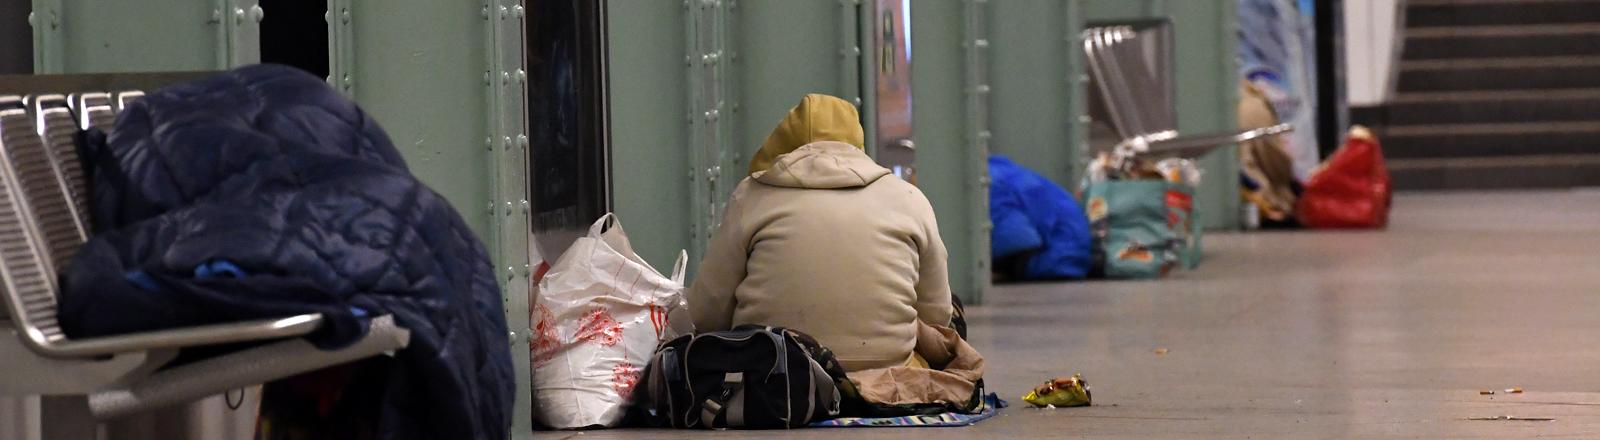 Obdachlose sitzen und liegen in einem Berliner U-Bahnhof